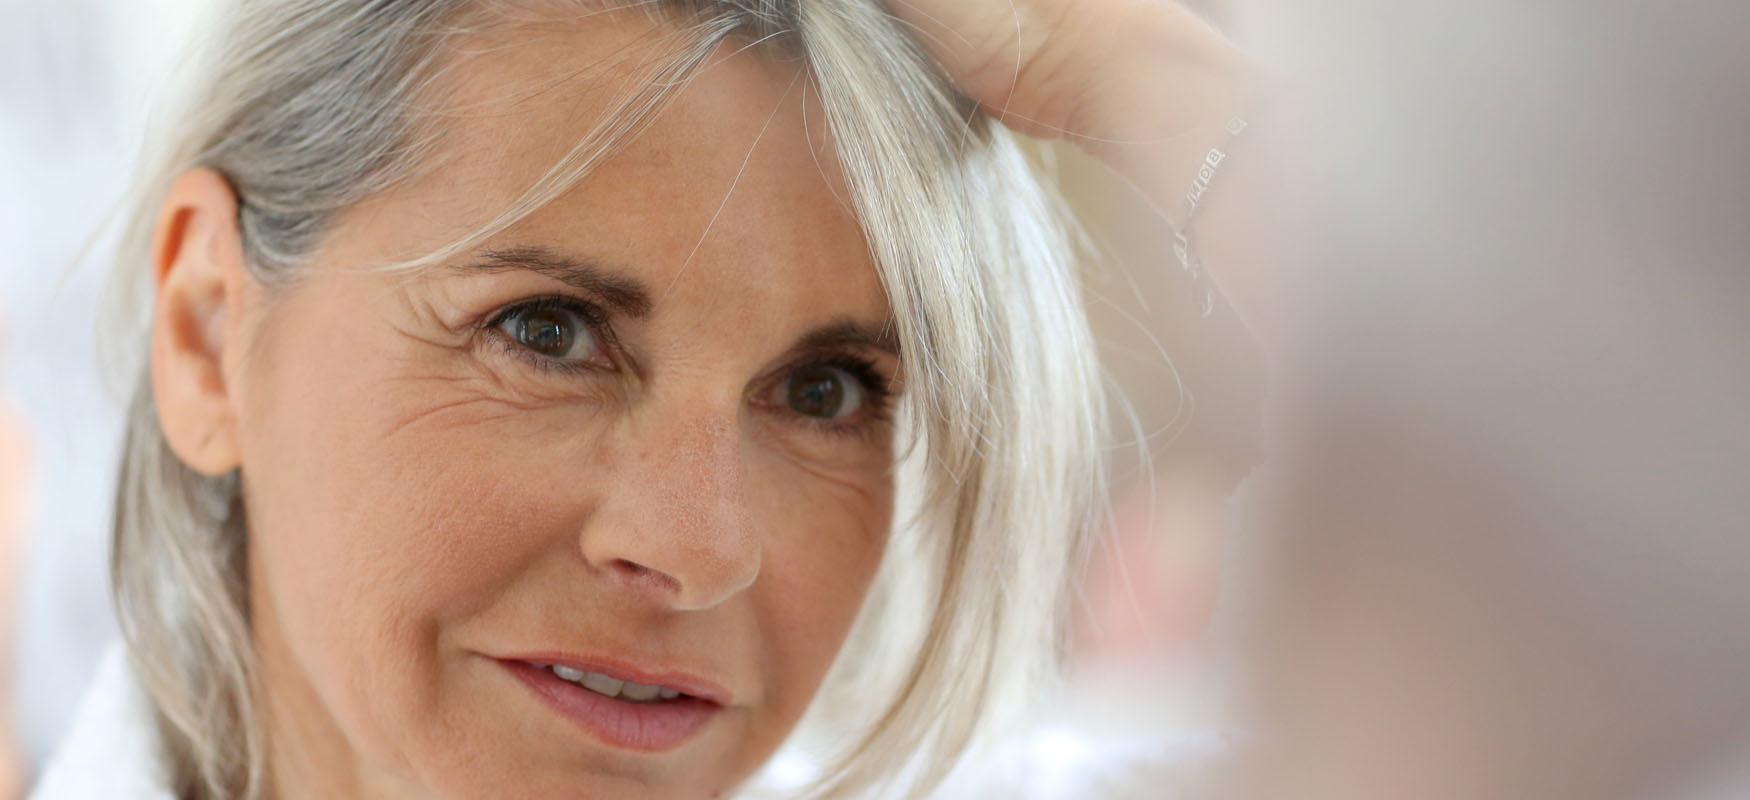 Włosy też się starzeją – czymożna opóźnić ten proces?